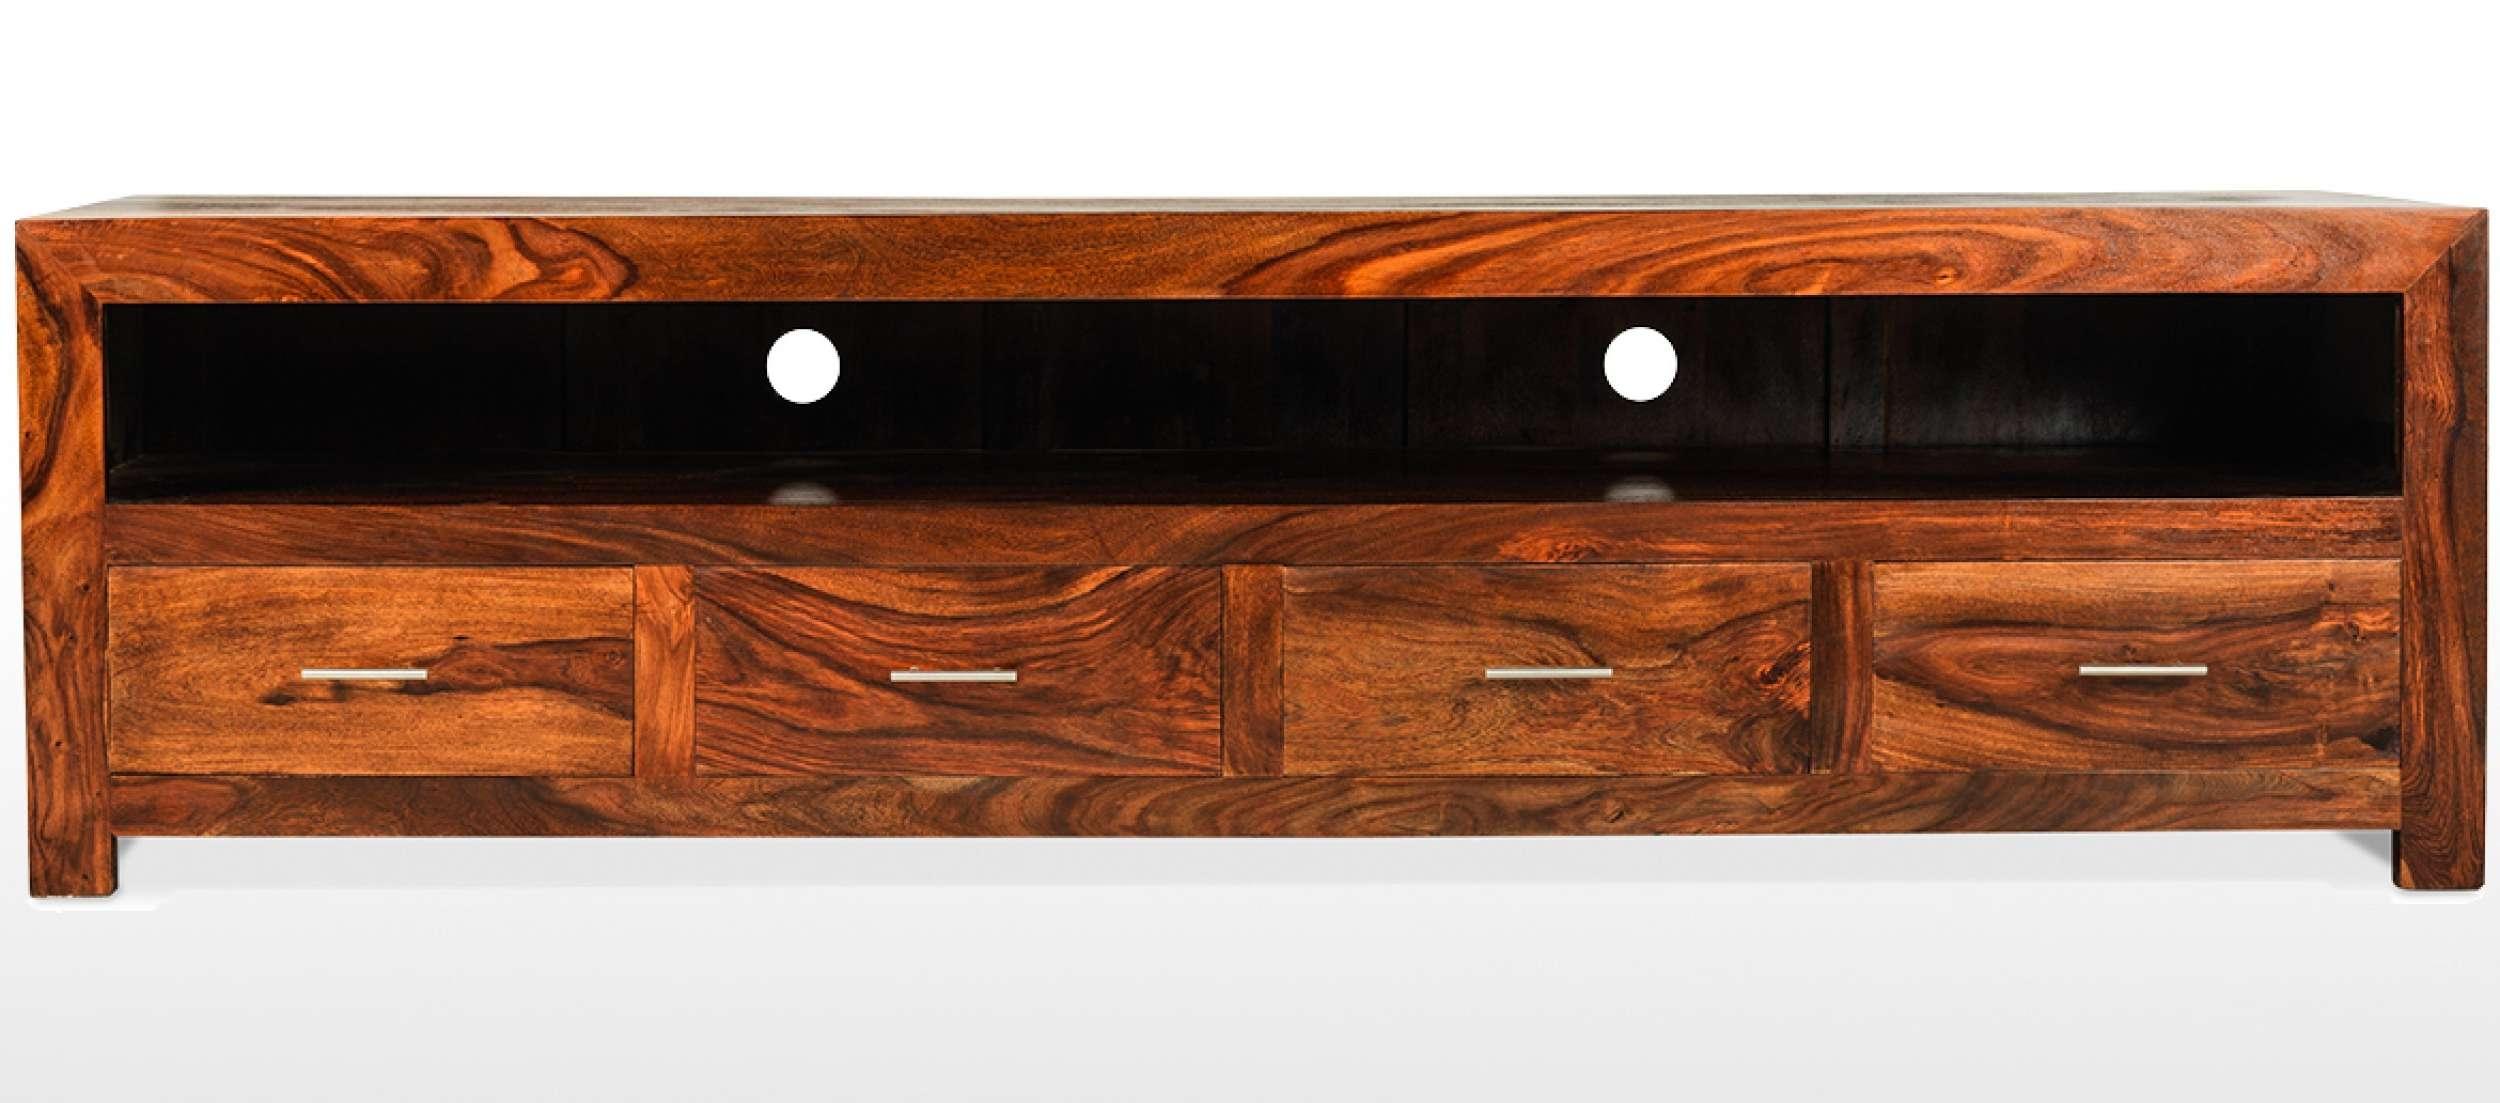 Sheesham Wood Tv Cabinet | Memsaheb With Regard To Sheesham Wood Tv Stands (View 2 of 15)